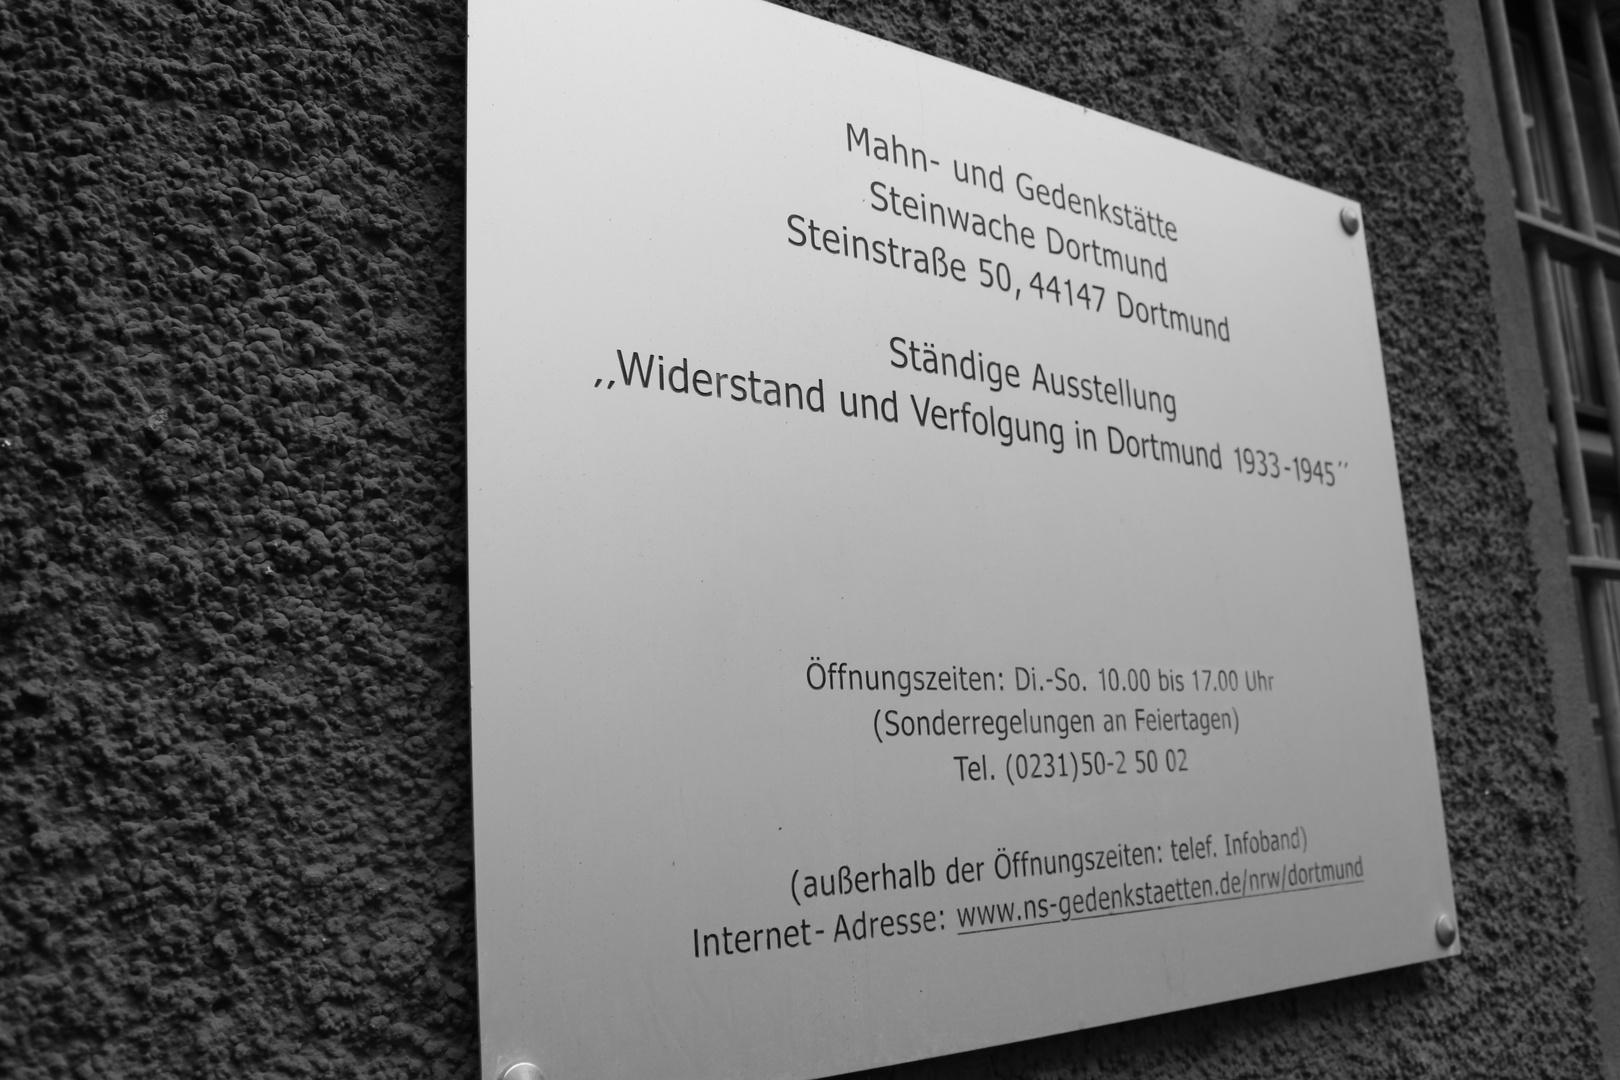 Steinwache Dortmund